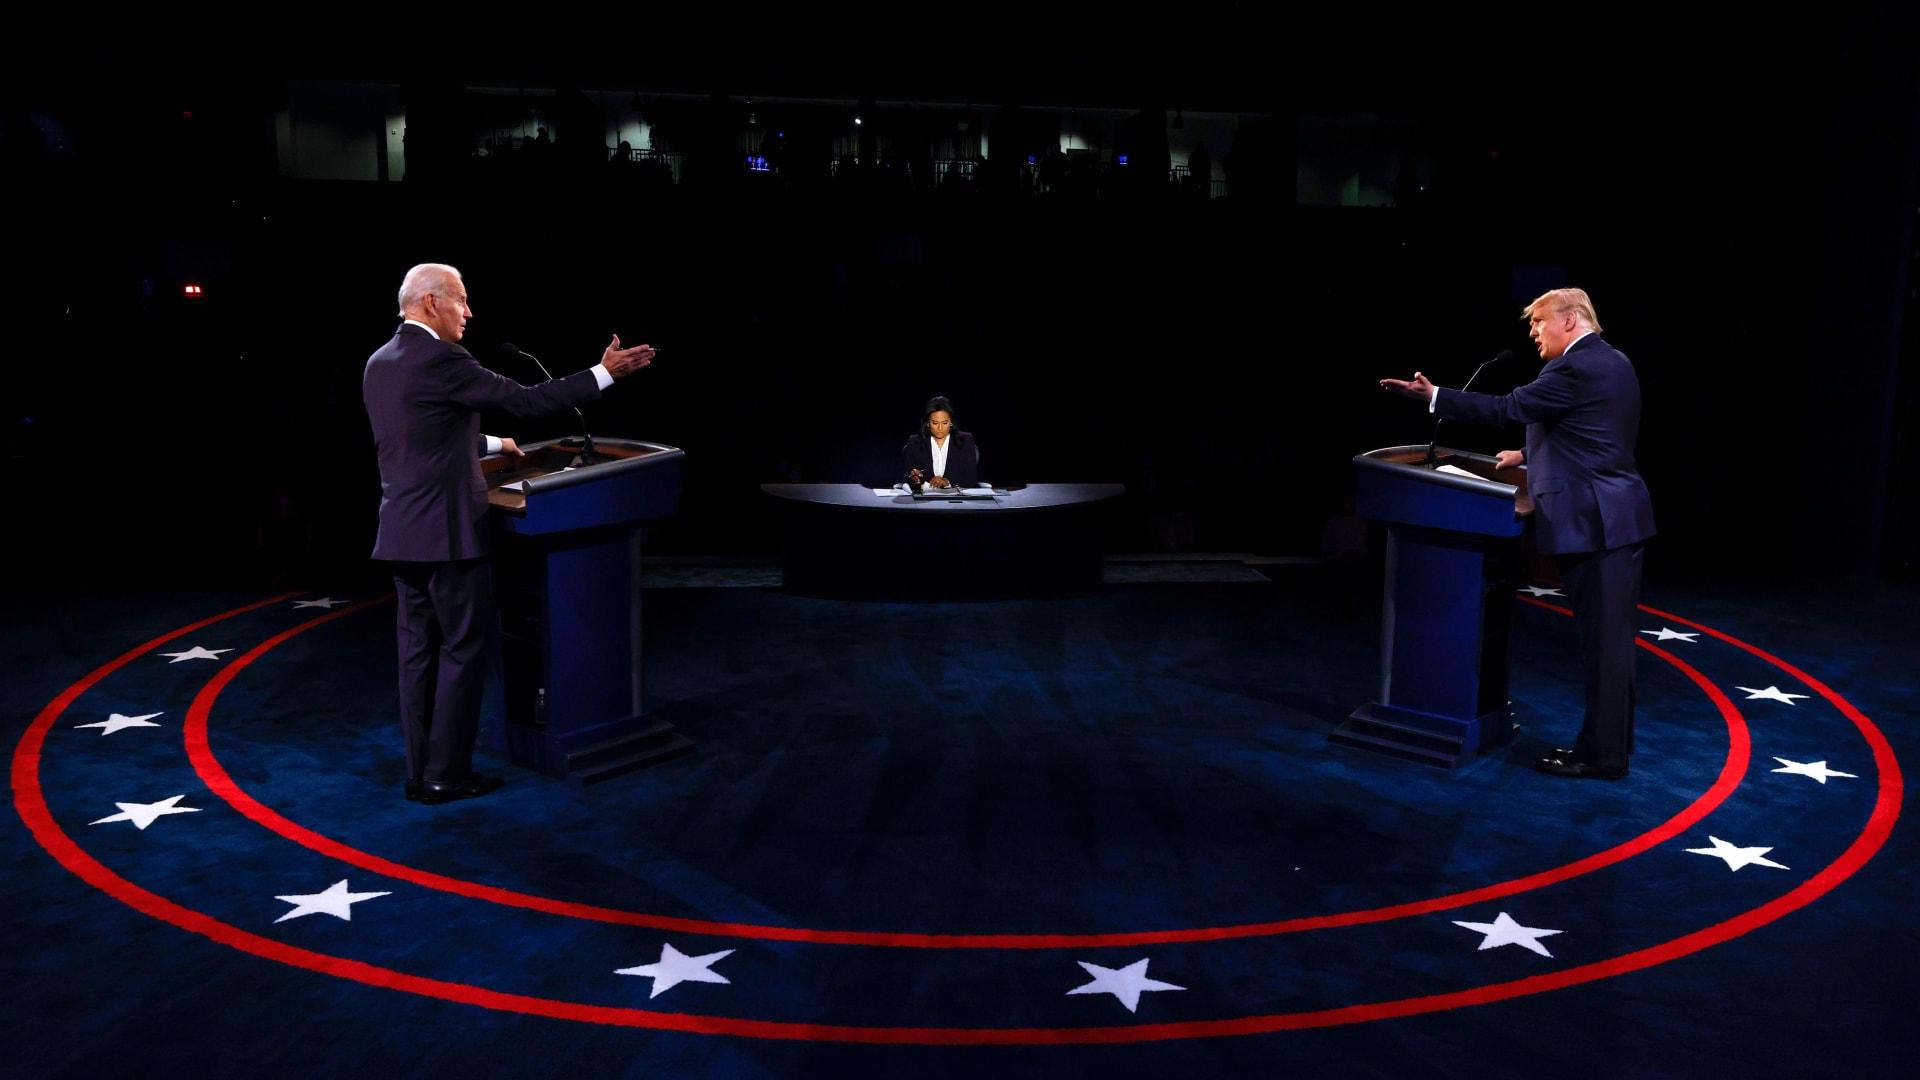 من المناظرة الرئاسية الأخيرة قبل الانتخابات